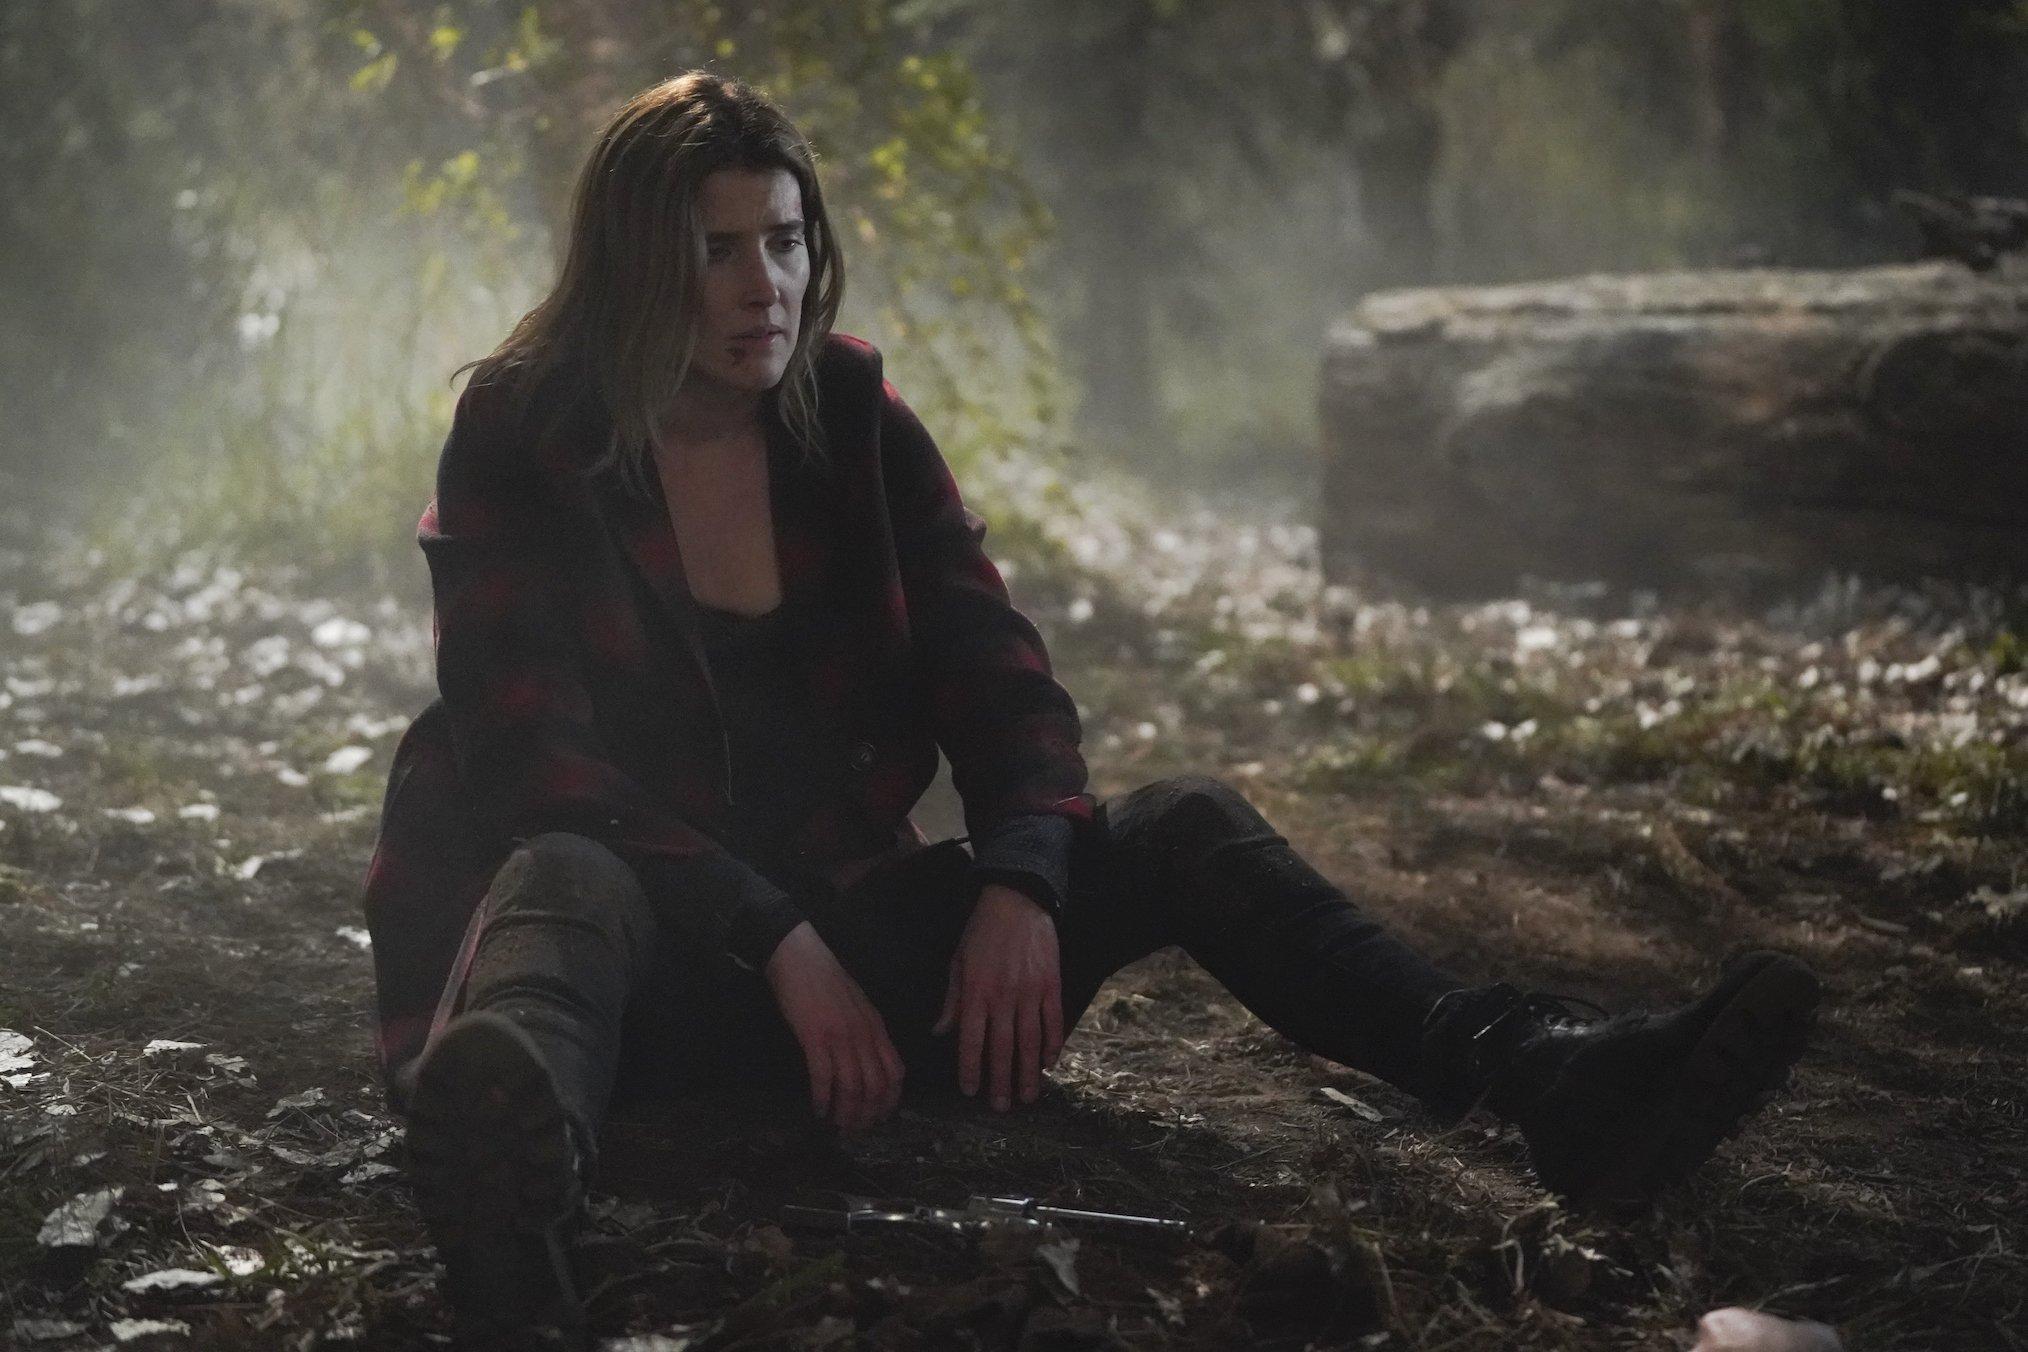 Cobie Smulders Stumptown Season 1 Dex Parios